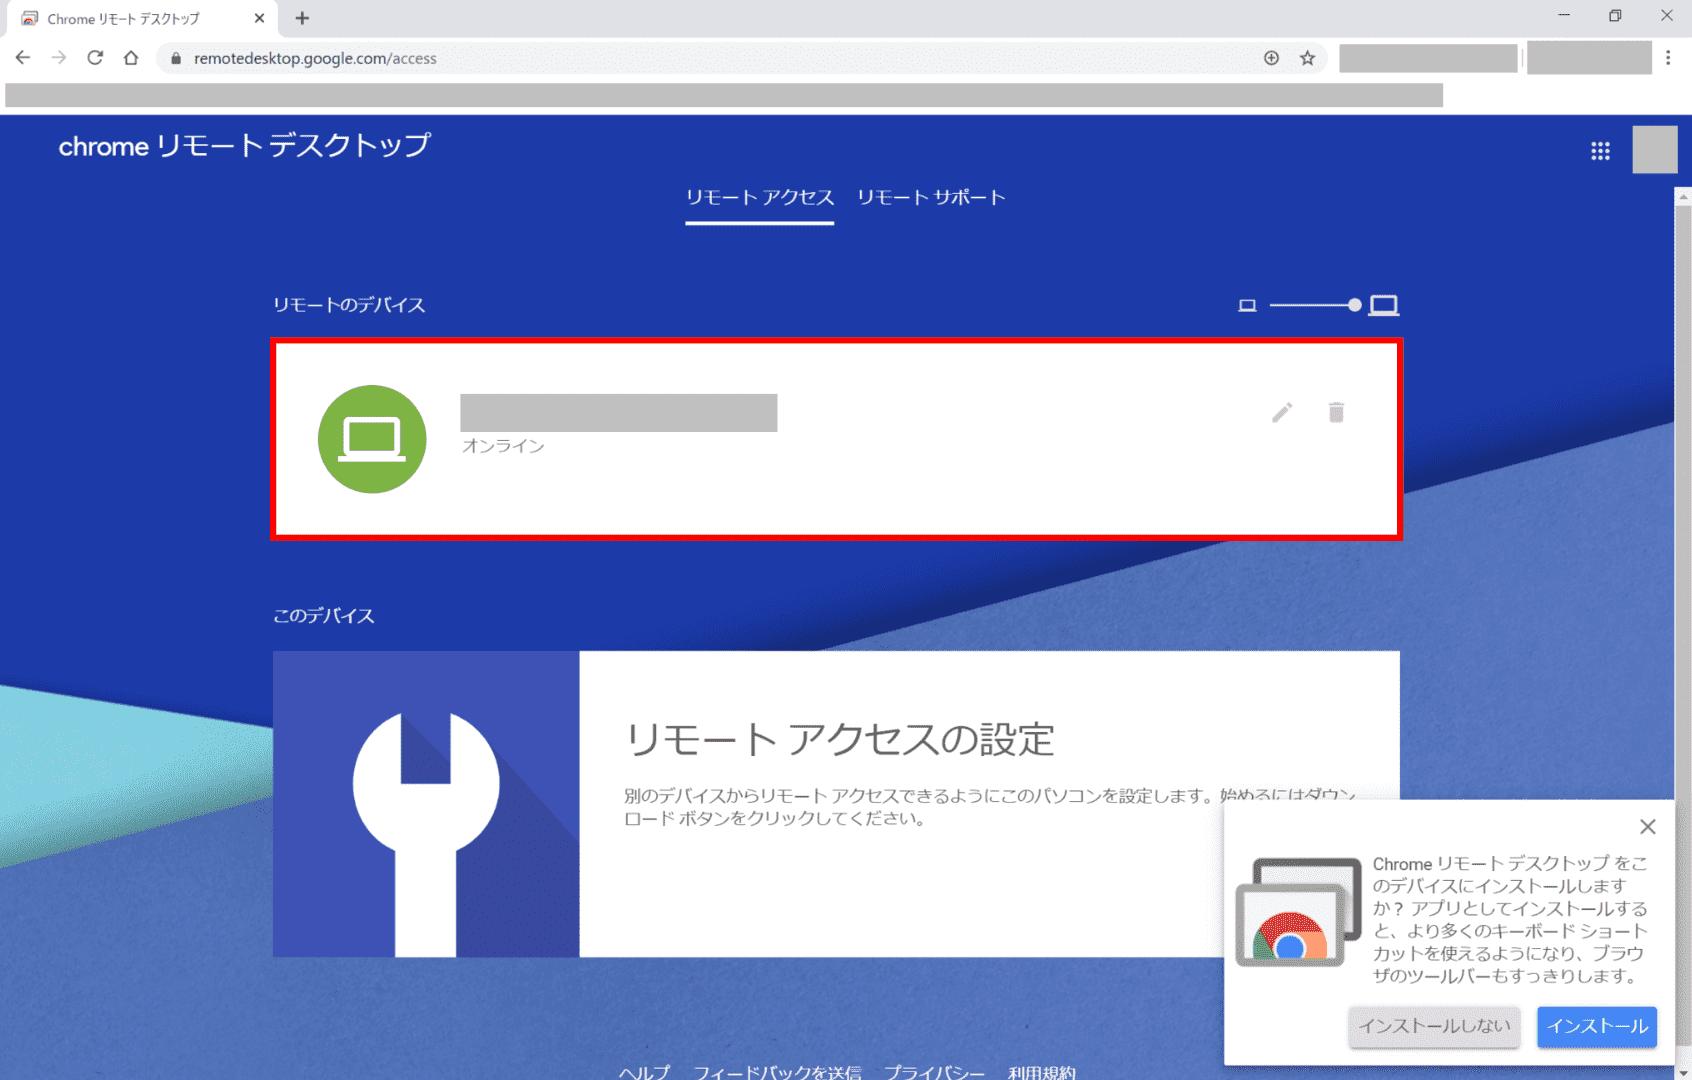 Chromeリモートデスクトップ、ゲスト(接続する側)